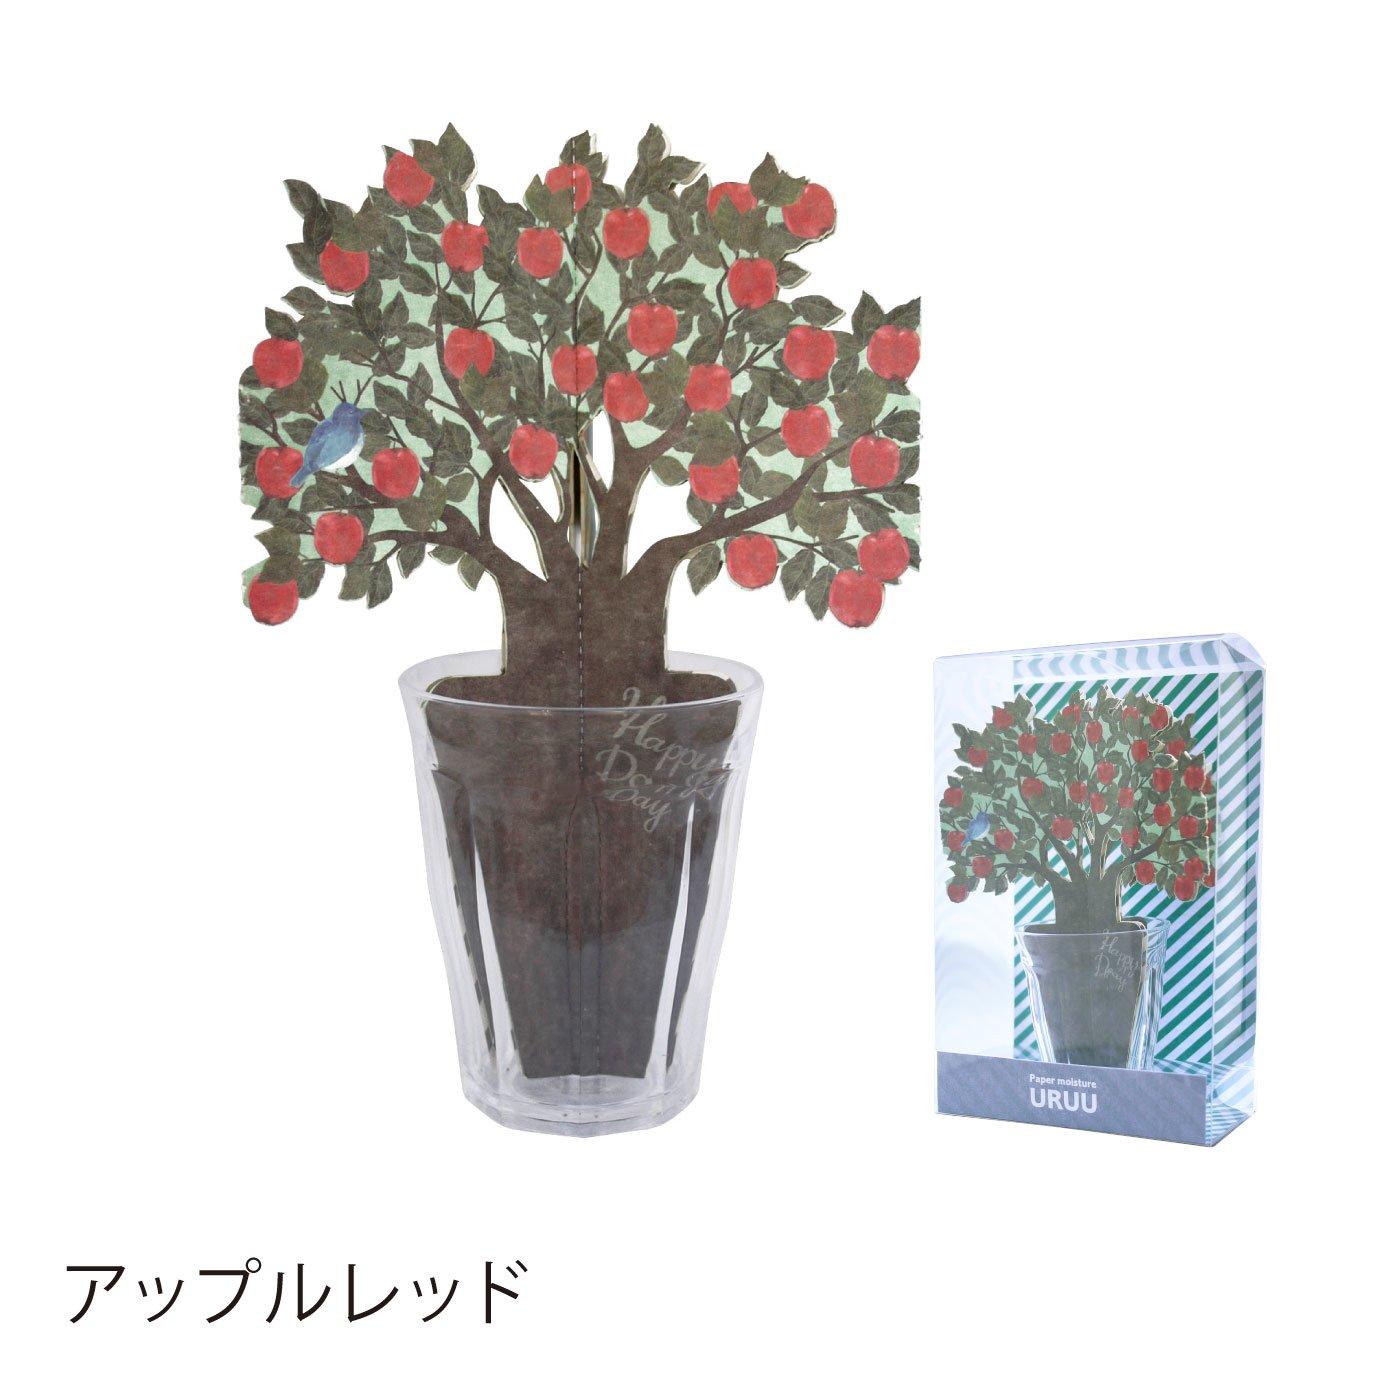 URUU(ウルウ)お花のペーパー加湿器